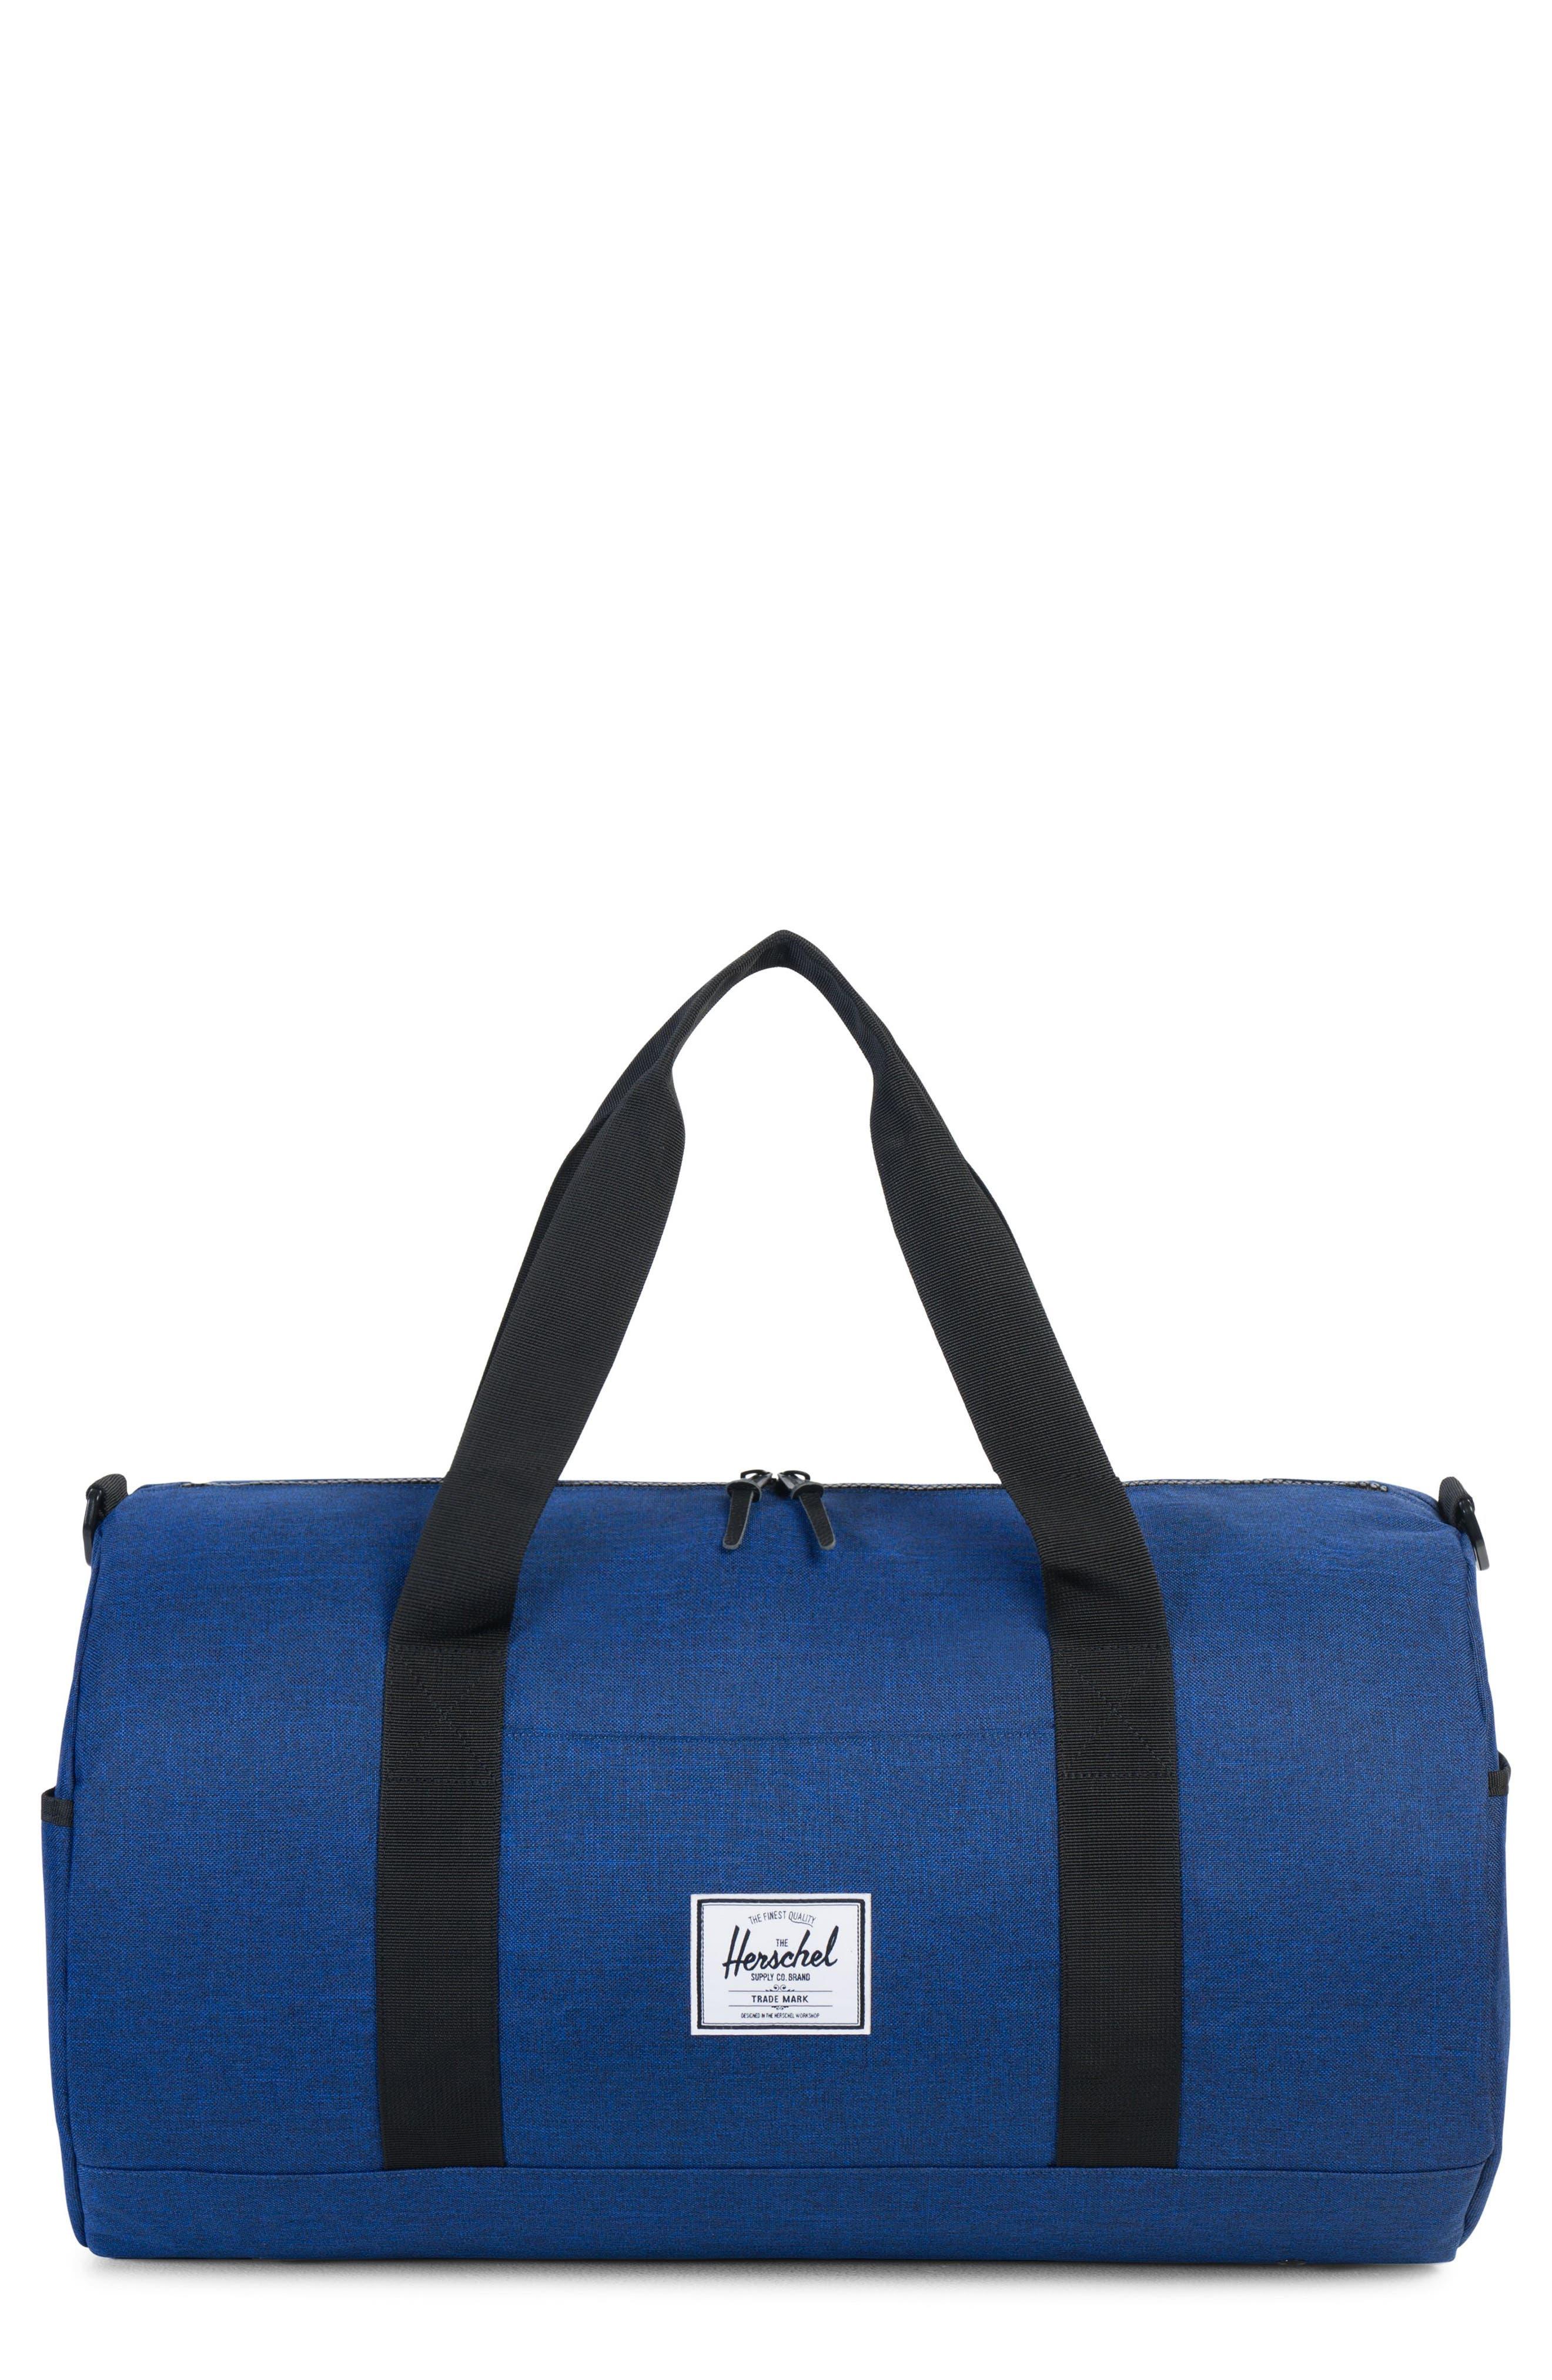 Sutton Duffel Bag,                         Main,                         color, Eclipse Crosshatch